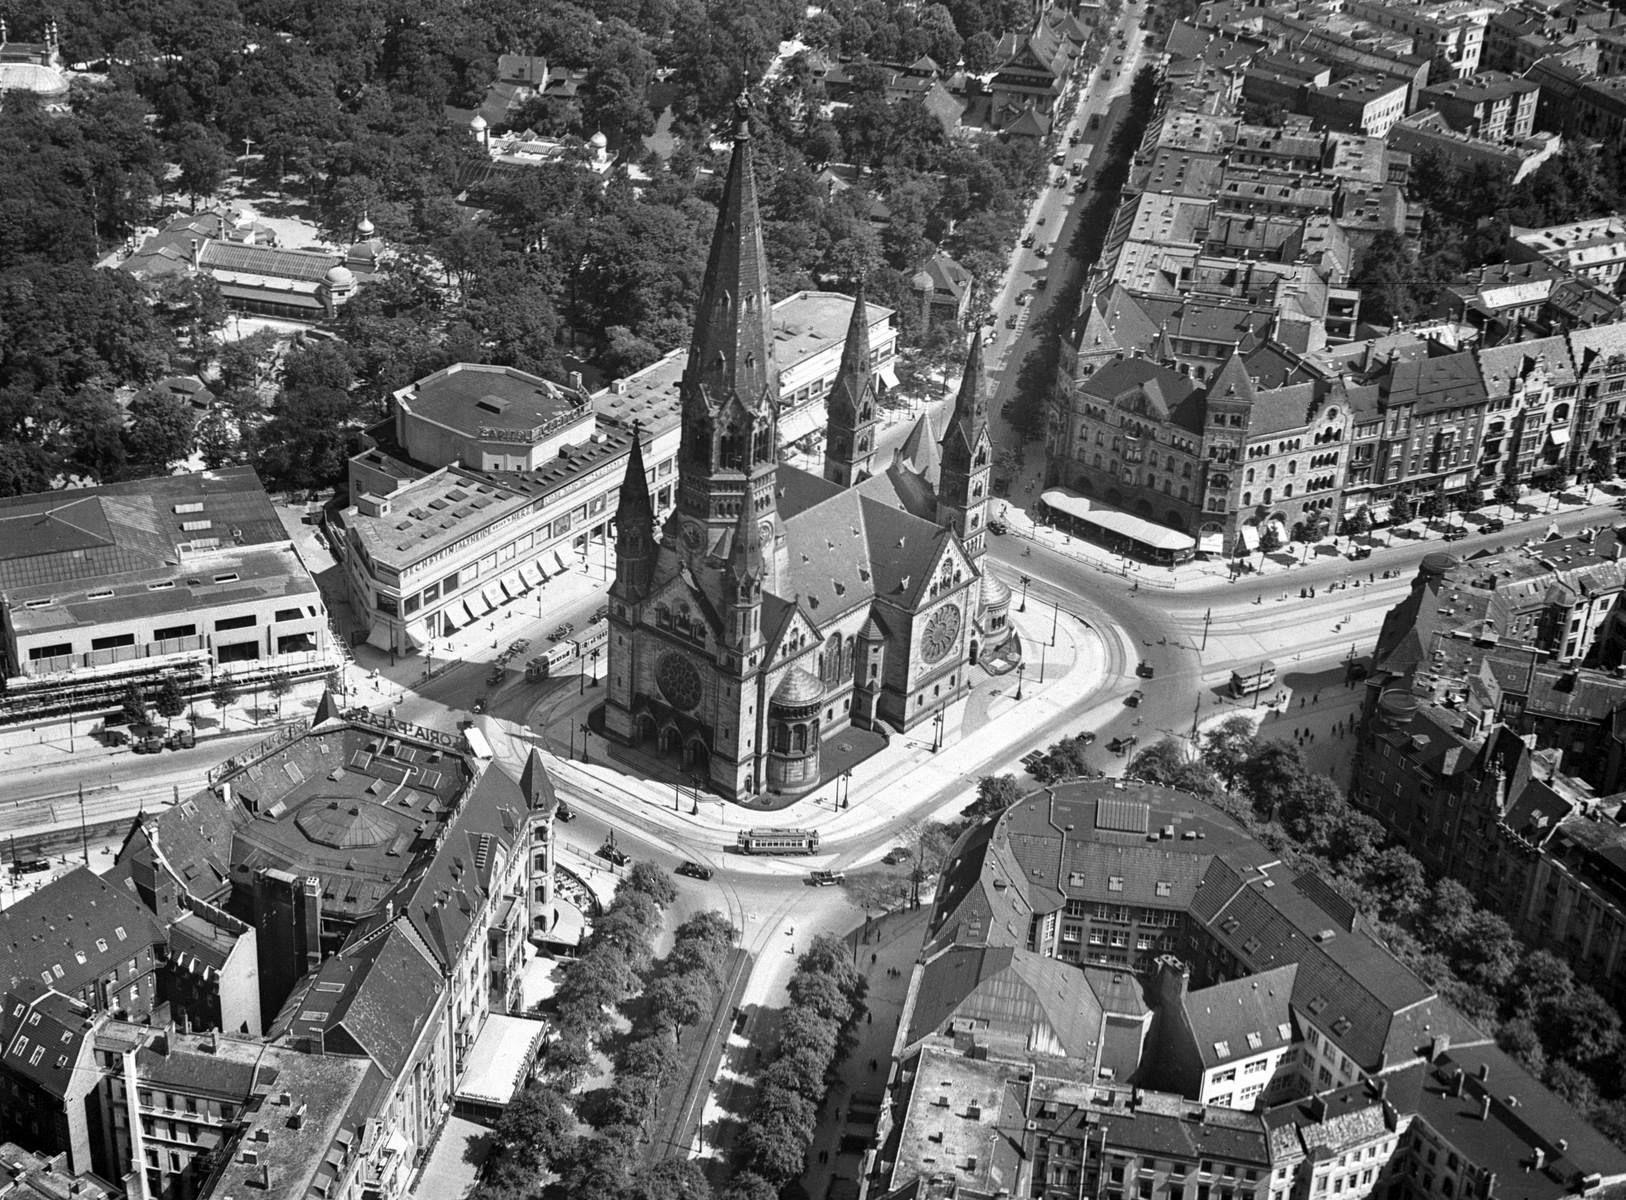 1940 Luftaufnahme Charlottenburg Teilansicht Der Stadt Mit Kaiser Wilhelm Gedachtnis Kirche Von Franz Schwechten Sow Berlin Berlin Photos German Architecture